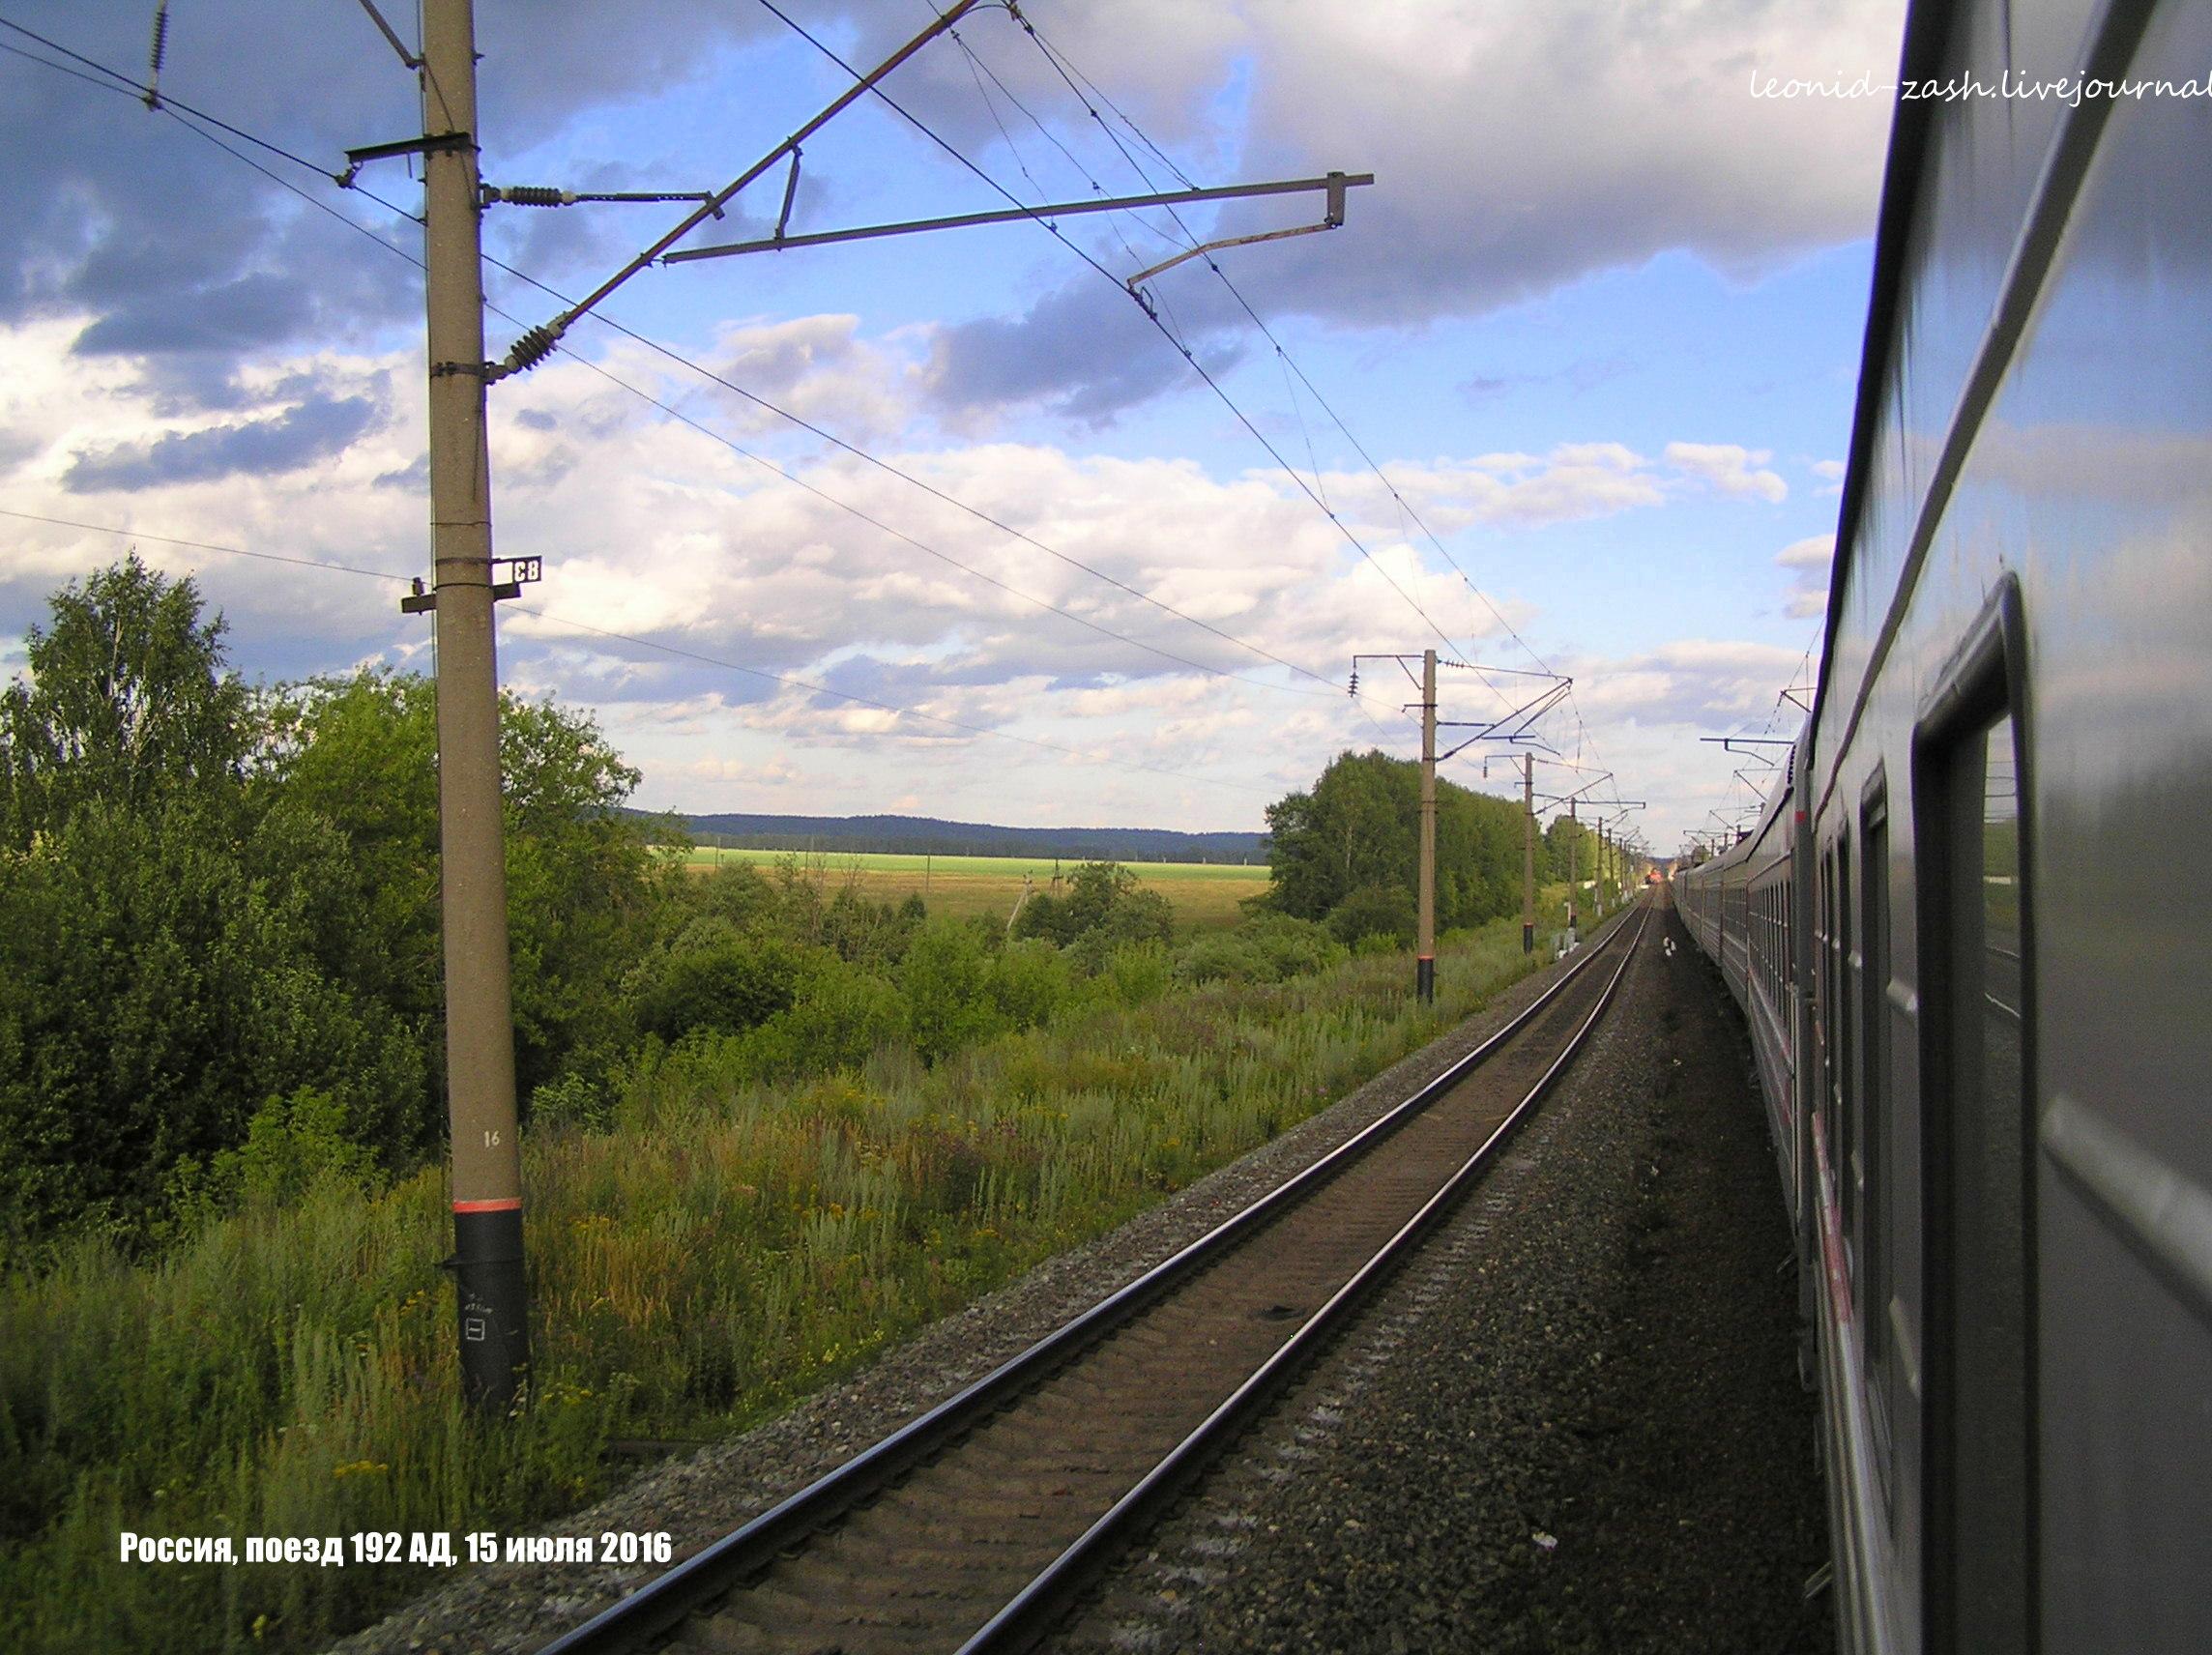 РЖД поезд 192АД 26.JPG